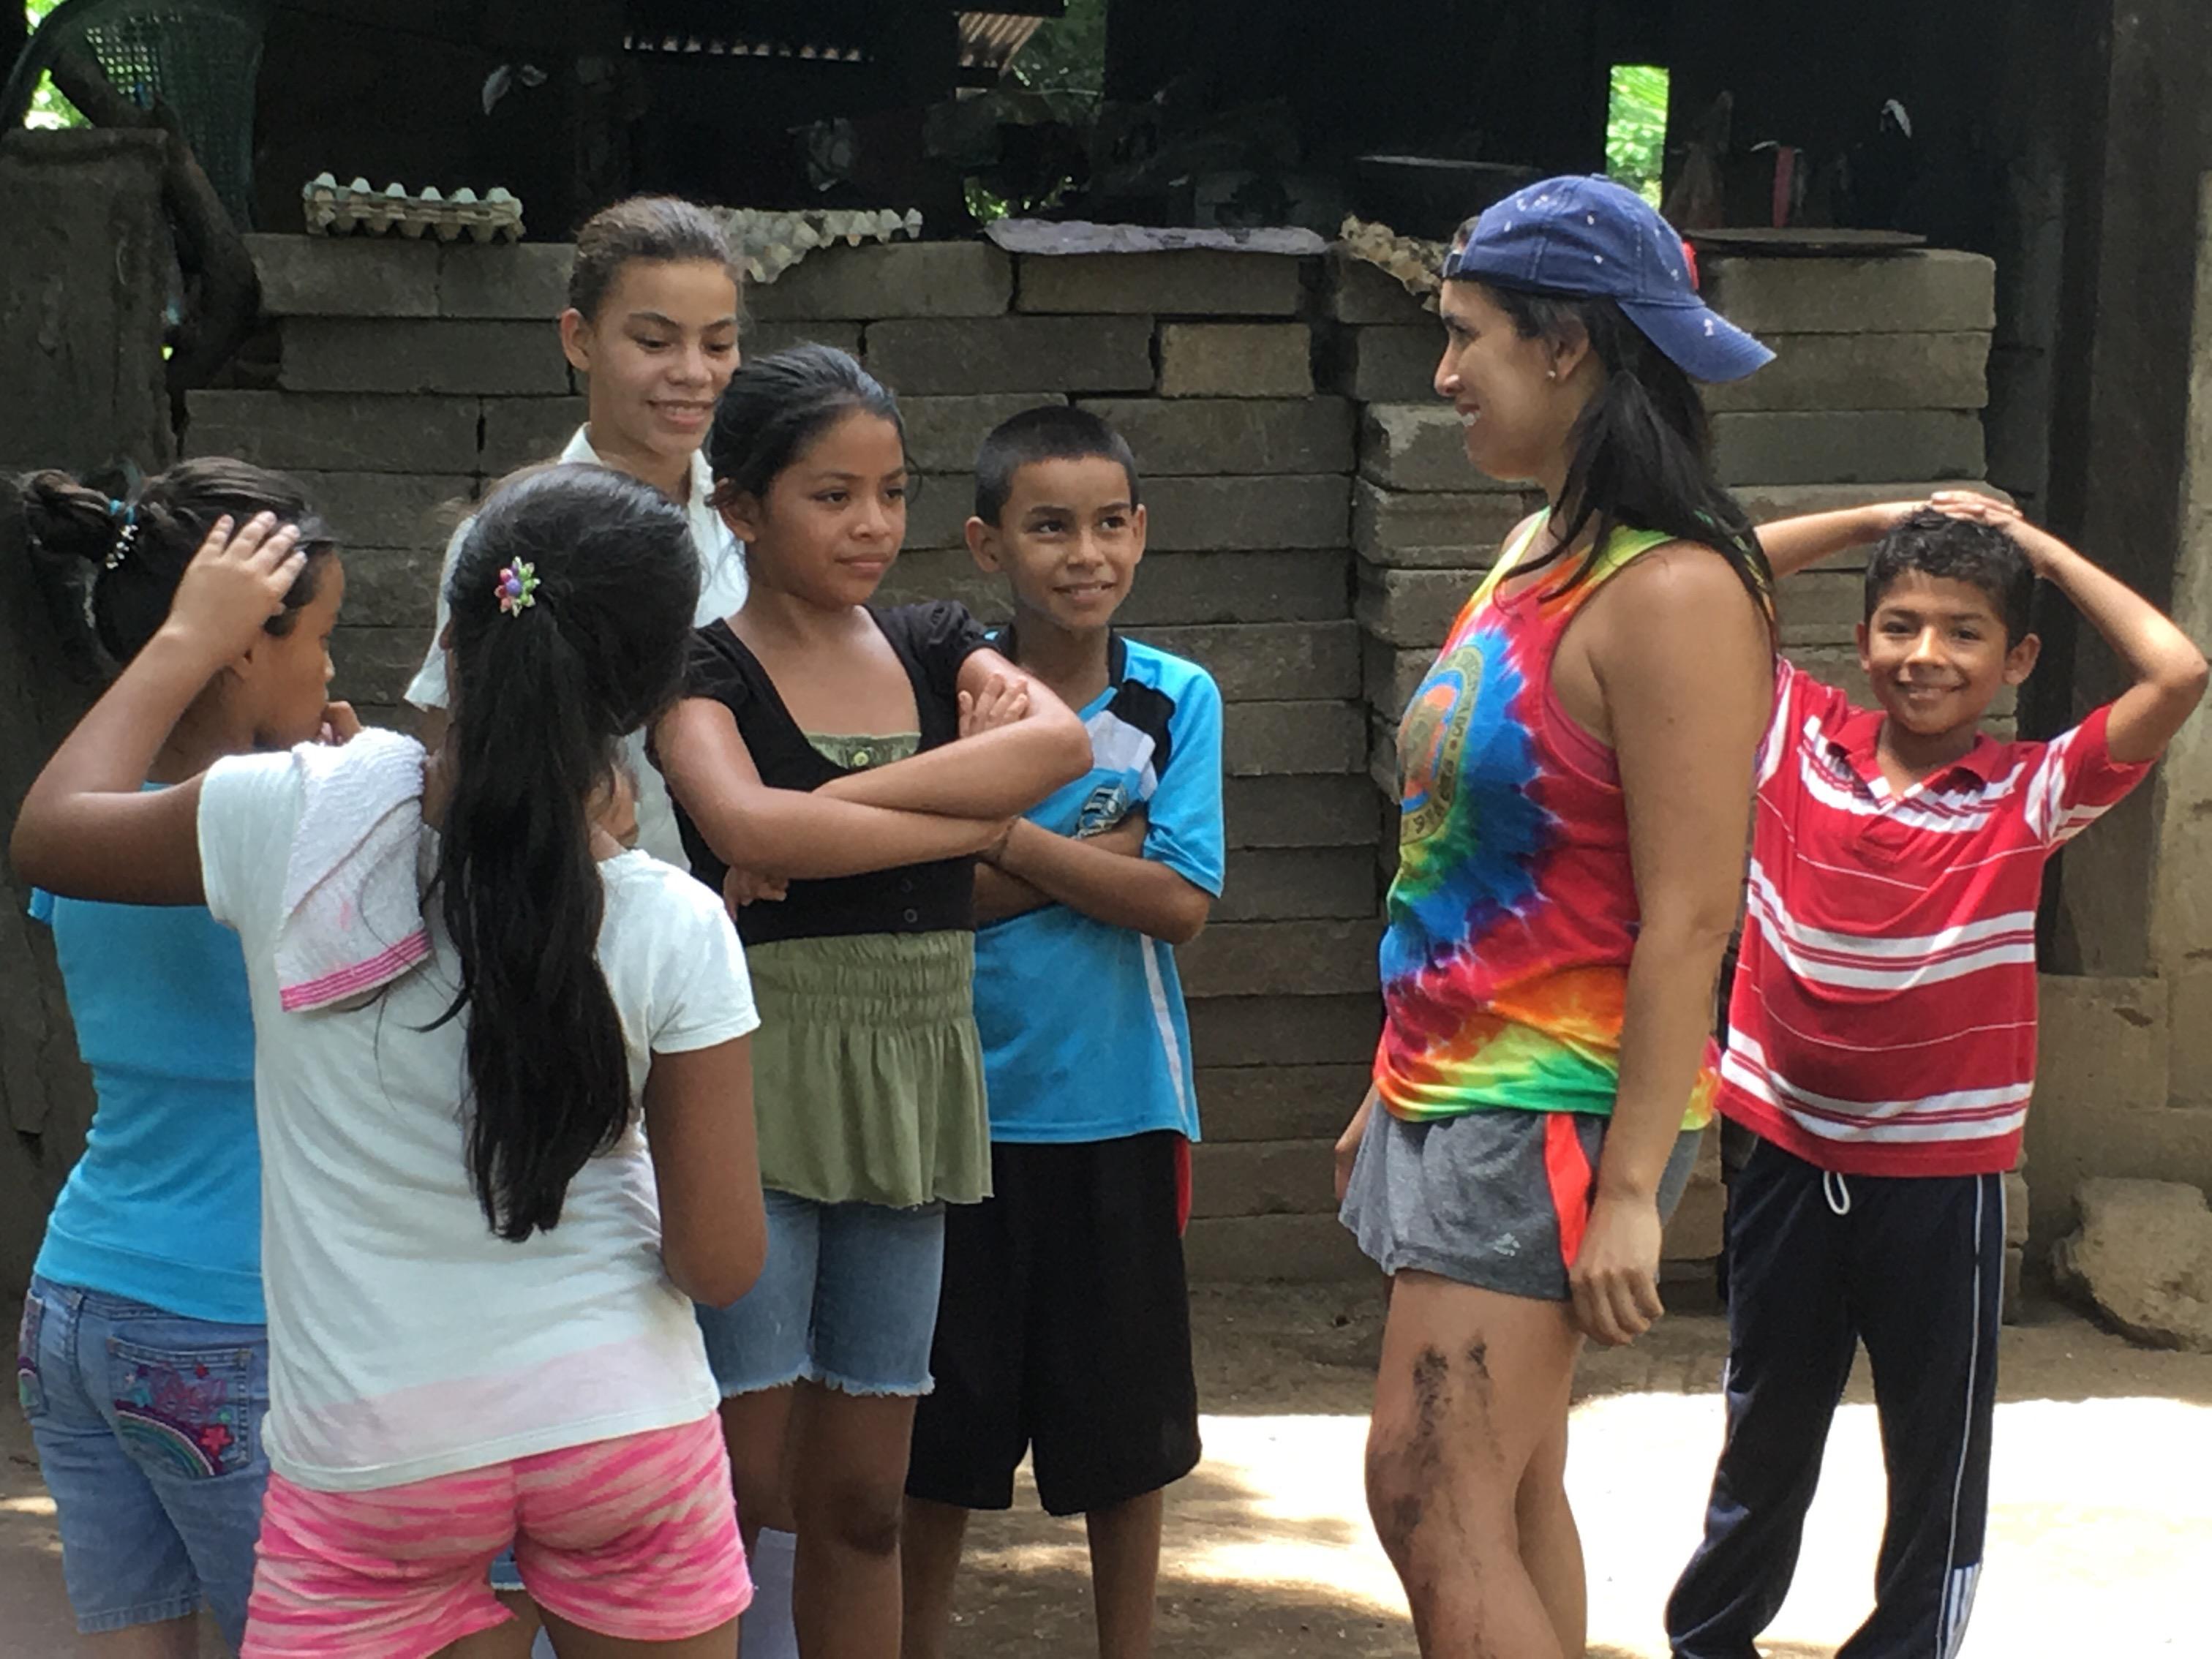 nicaragua kids mission trip vlog